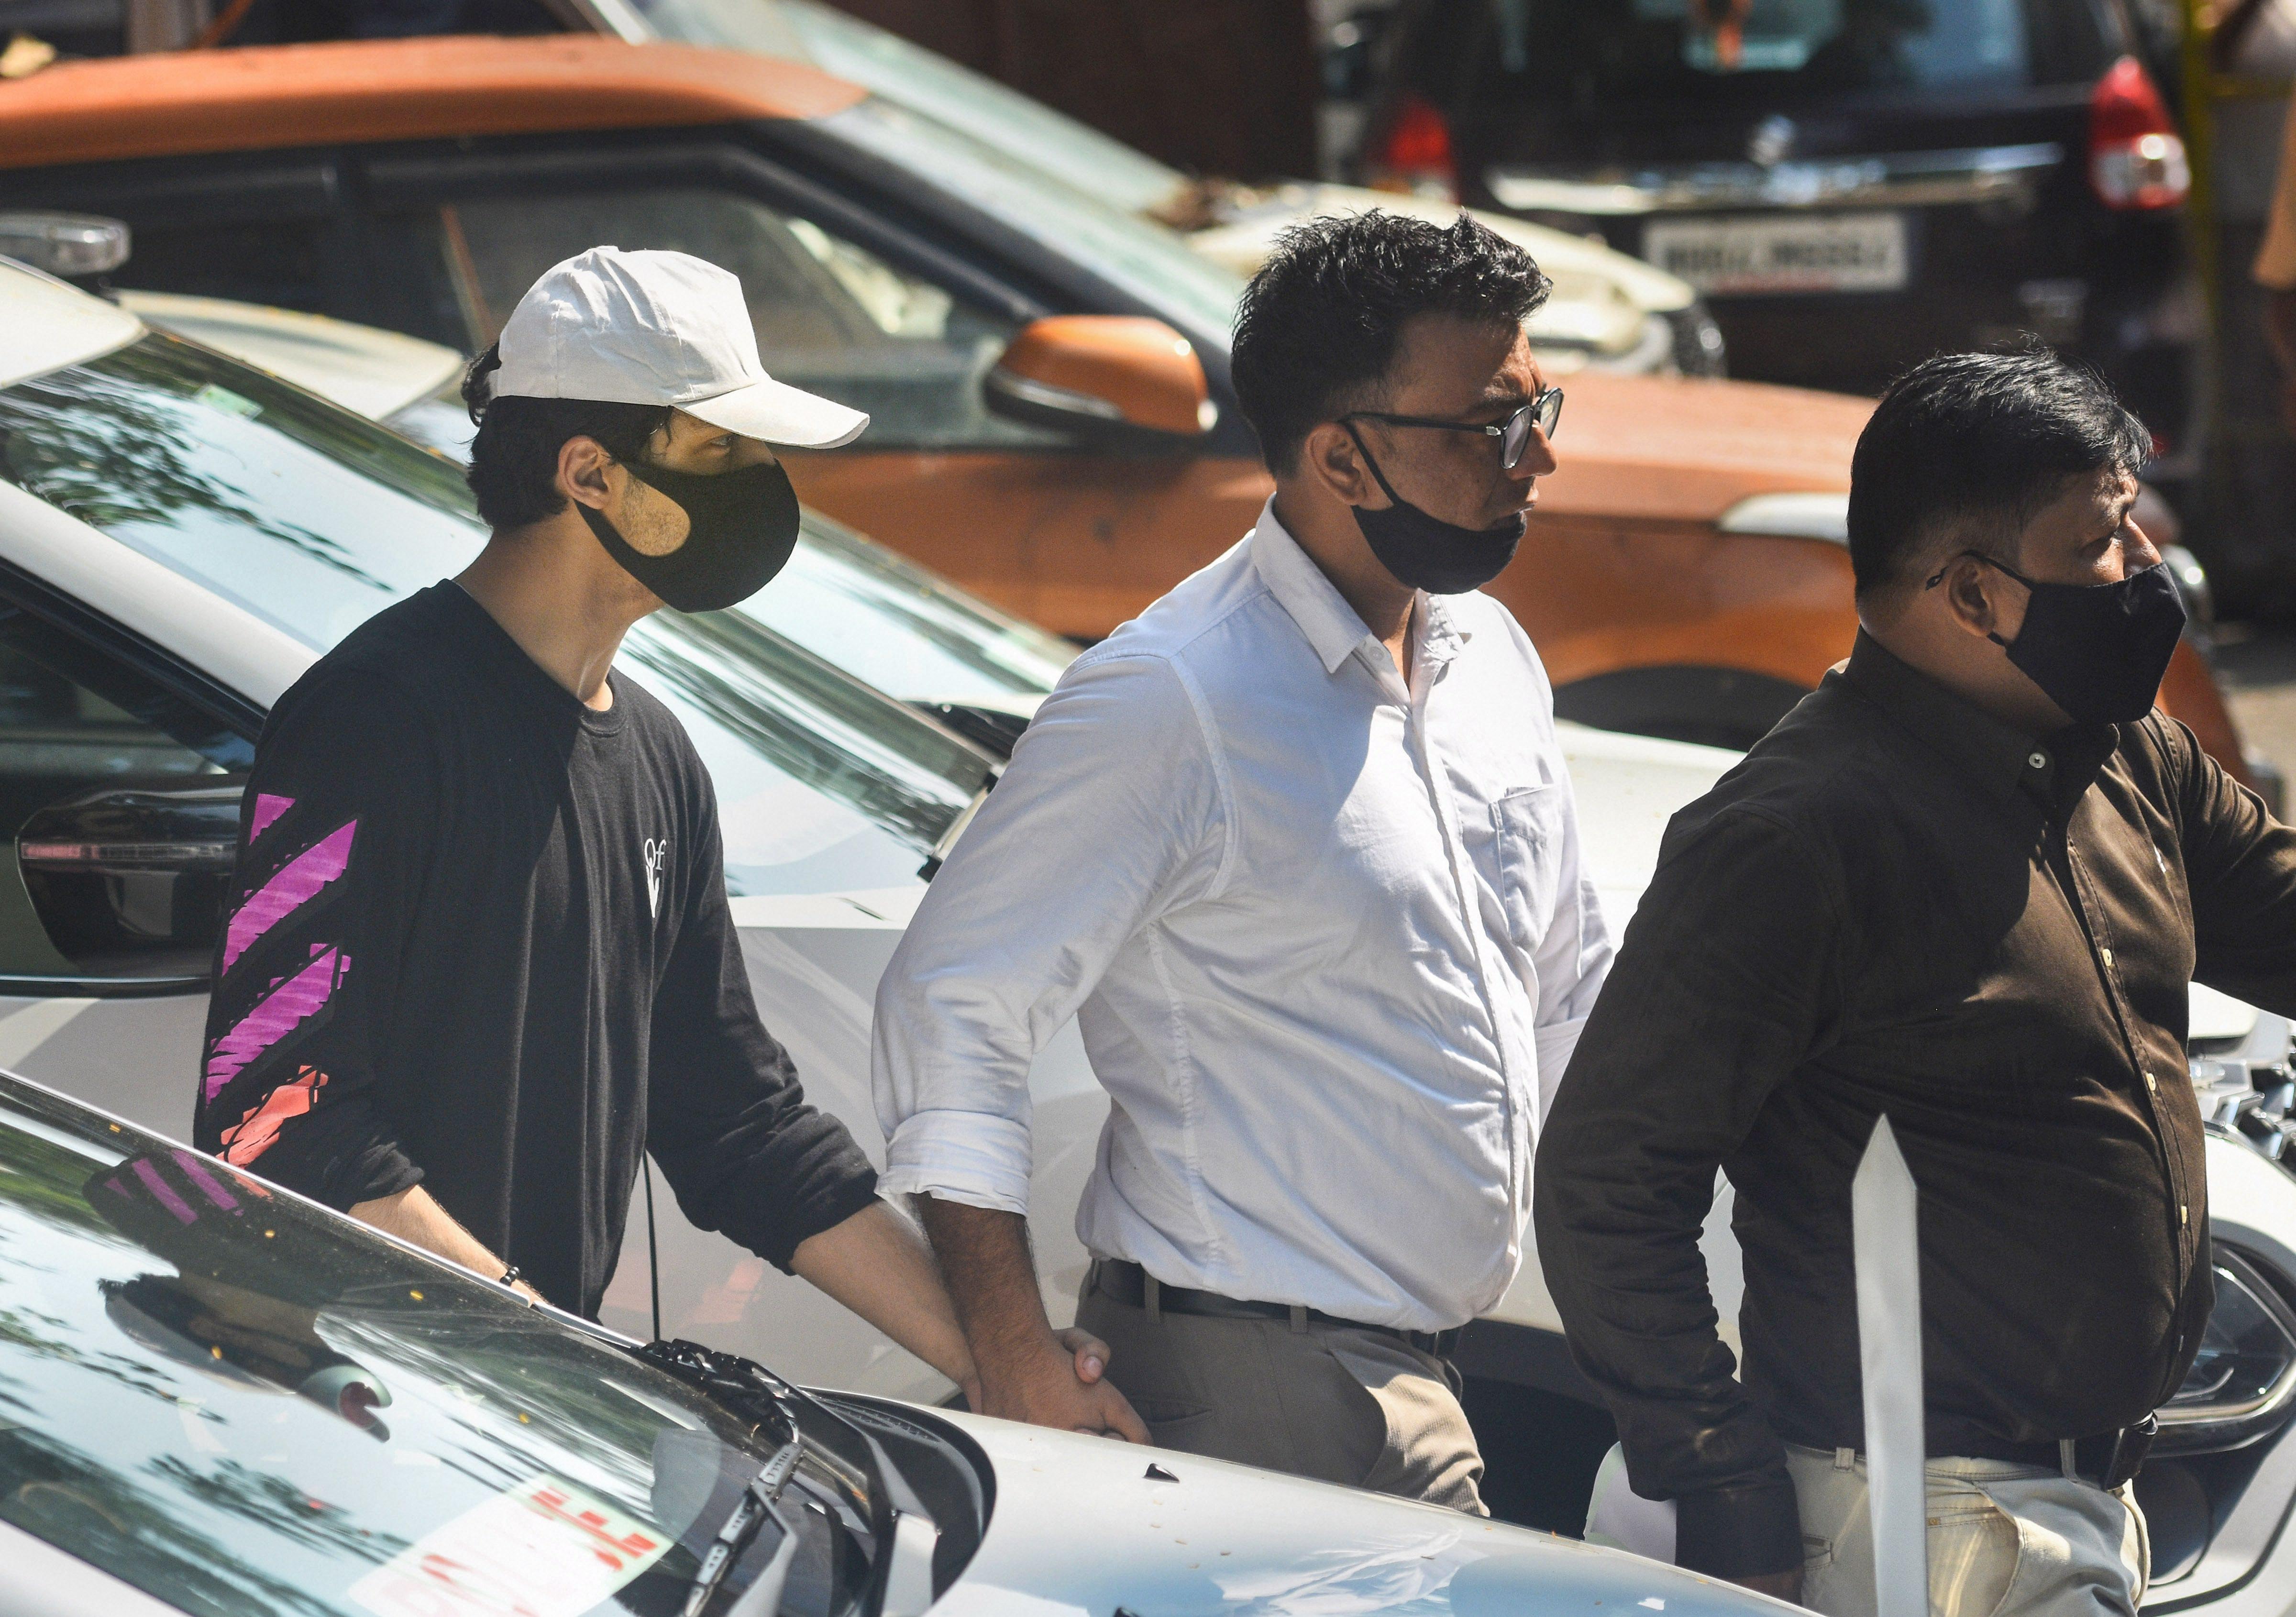 आर्यन की यह तस्वीर उन्हें NCB ऑफिस से अदालत ले जाने के दौरान की है। इसमें आर्यन ने ब्लैक रंग की स्वेटशर्ट और सफेद रंग की टोपी पहनी थी।